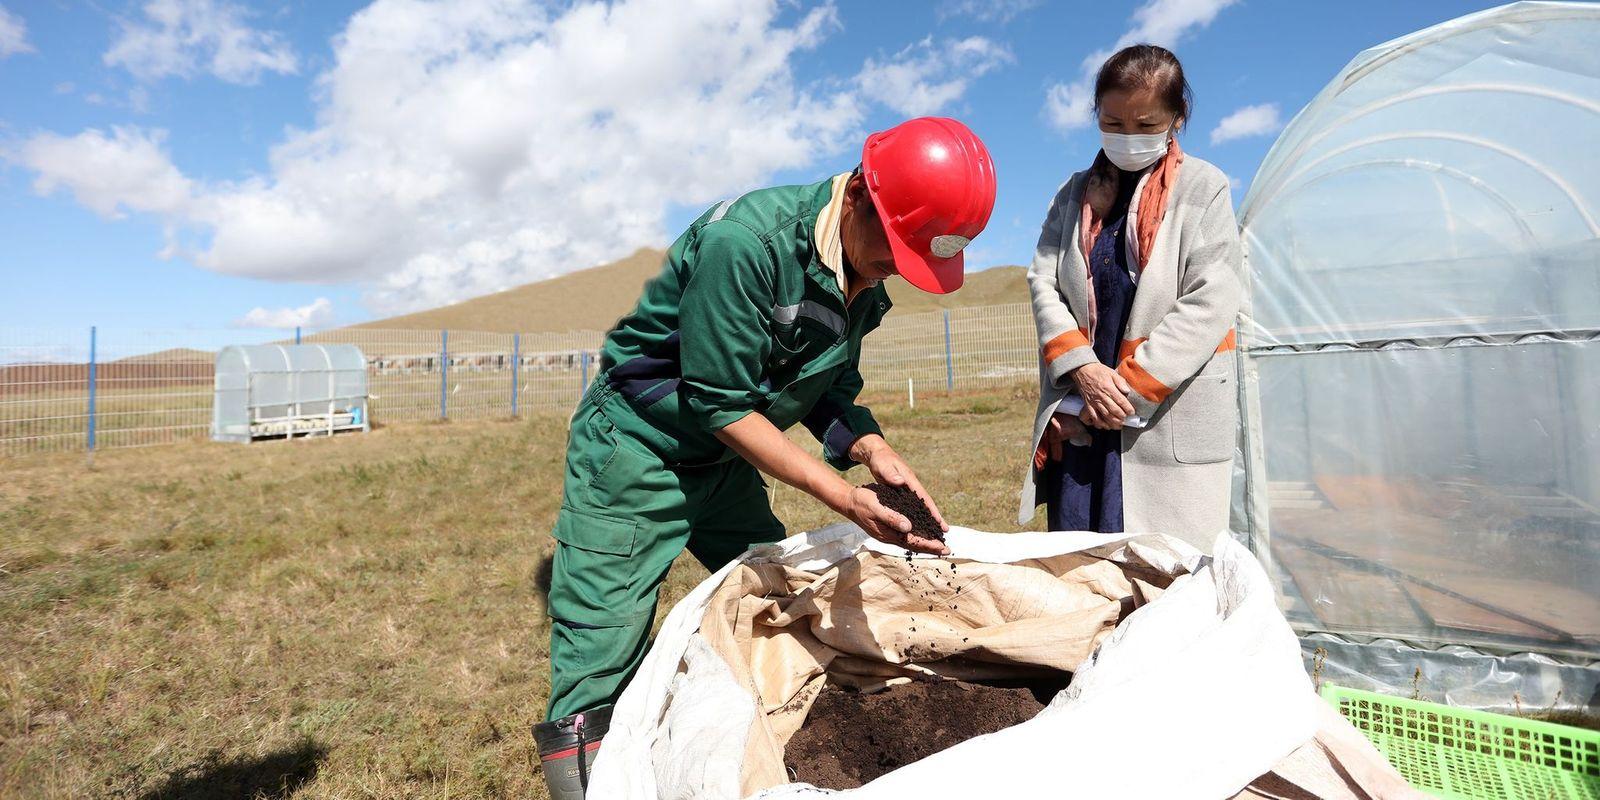 동물의 배설물을 재활용하여 유기 비료를 생산.jpg